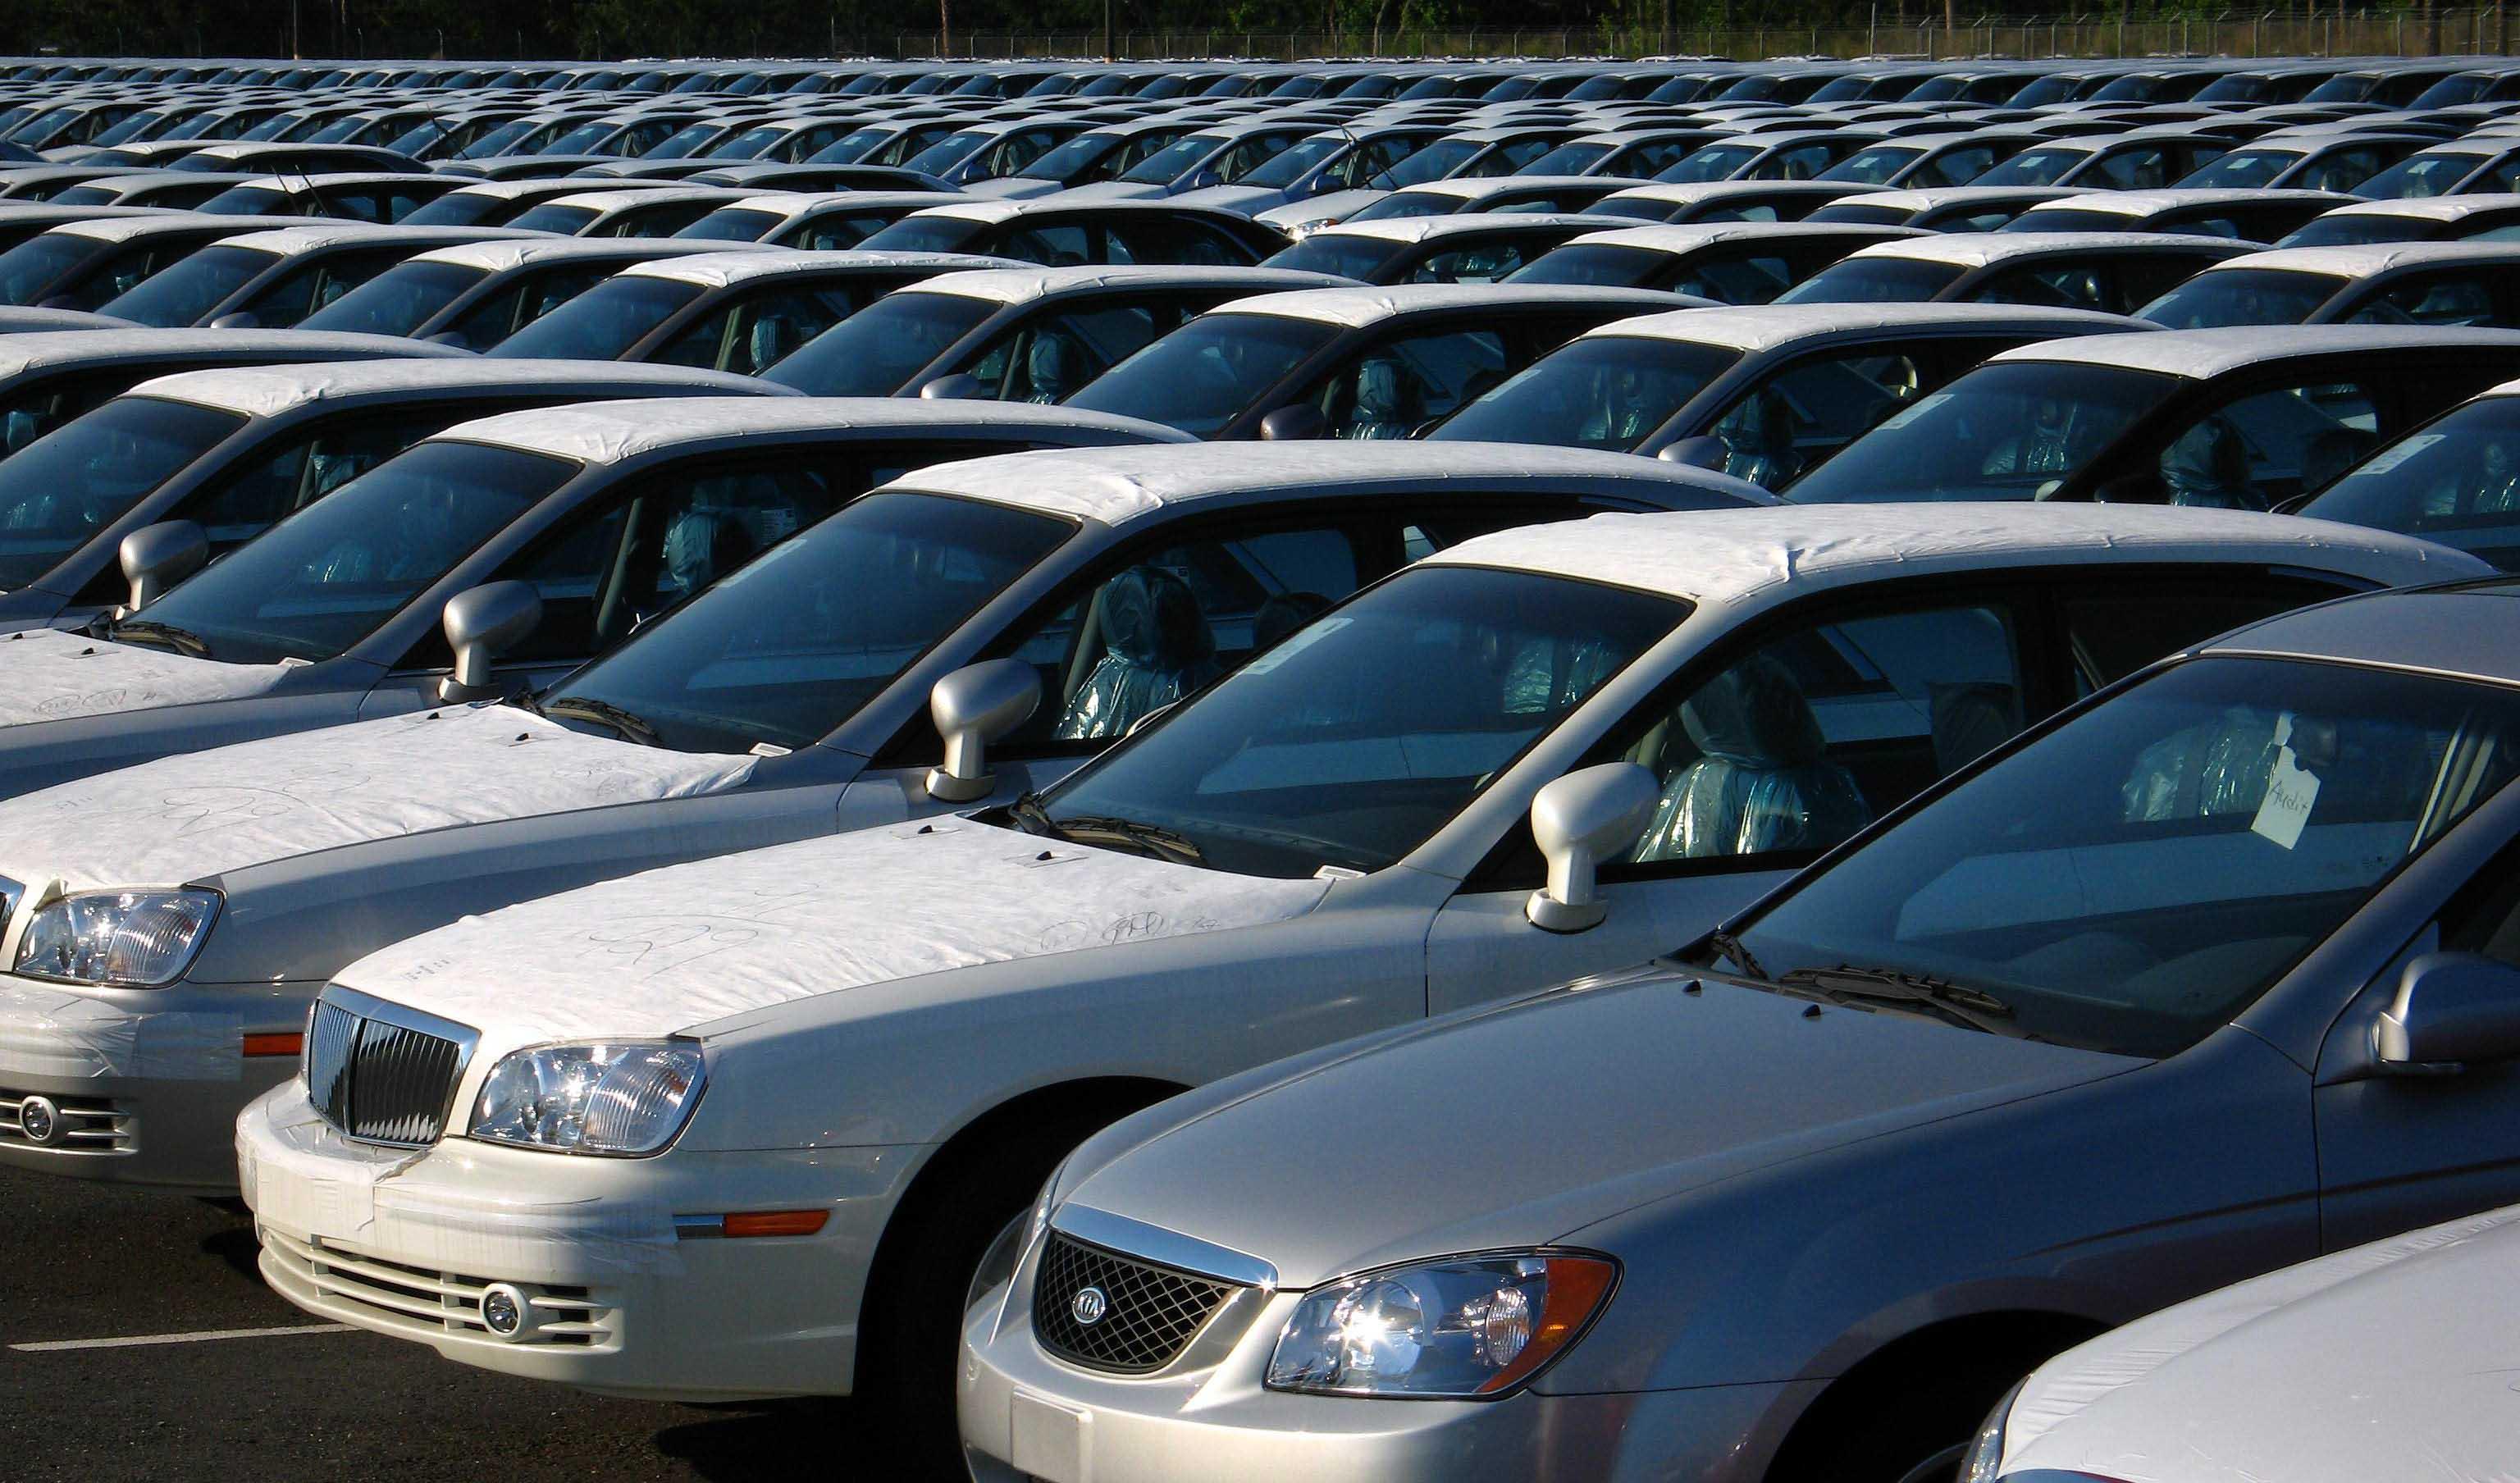 مقایسه قیمت خودرو در ایران و بازارهای جهانی